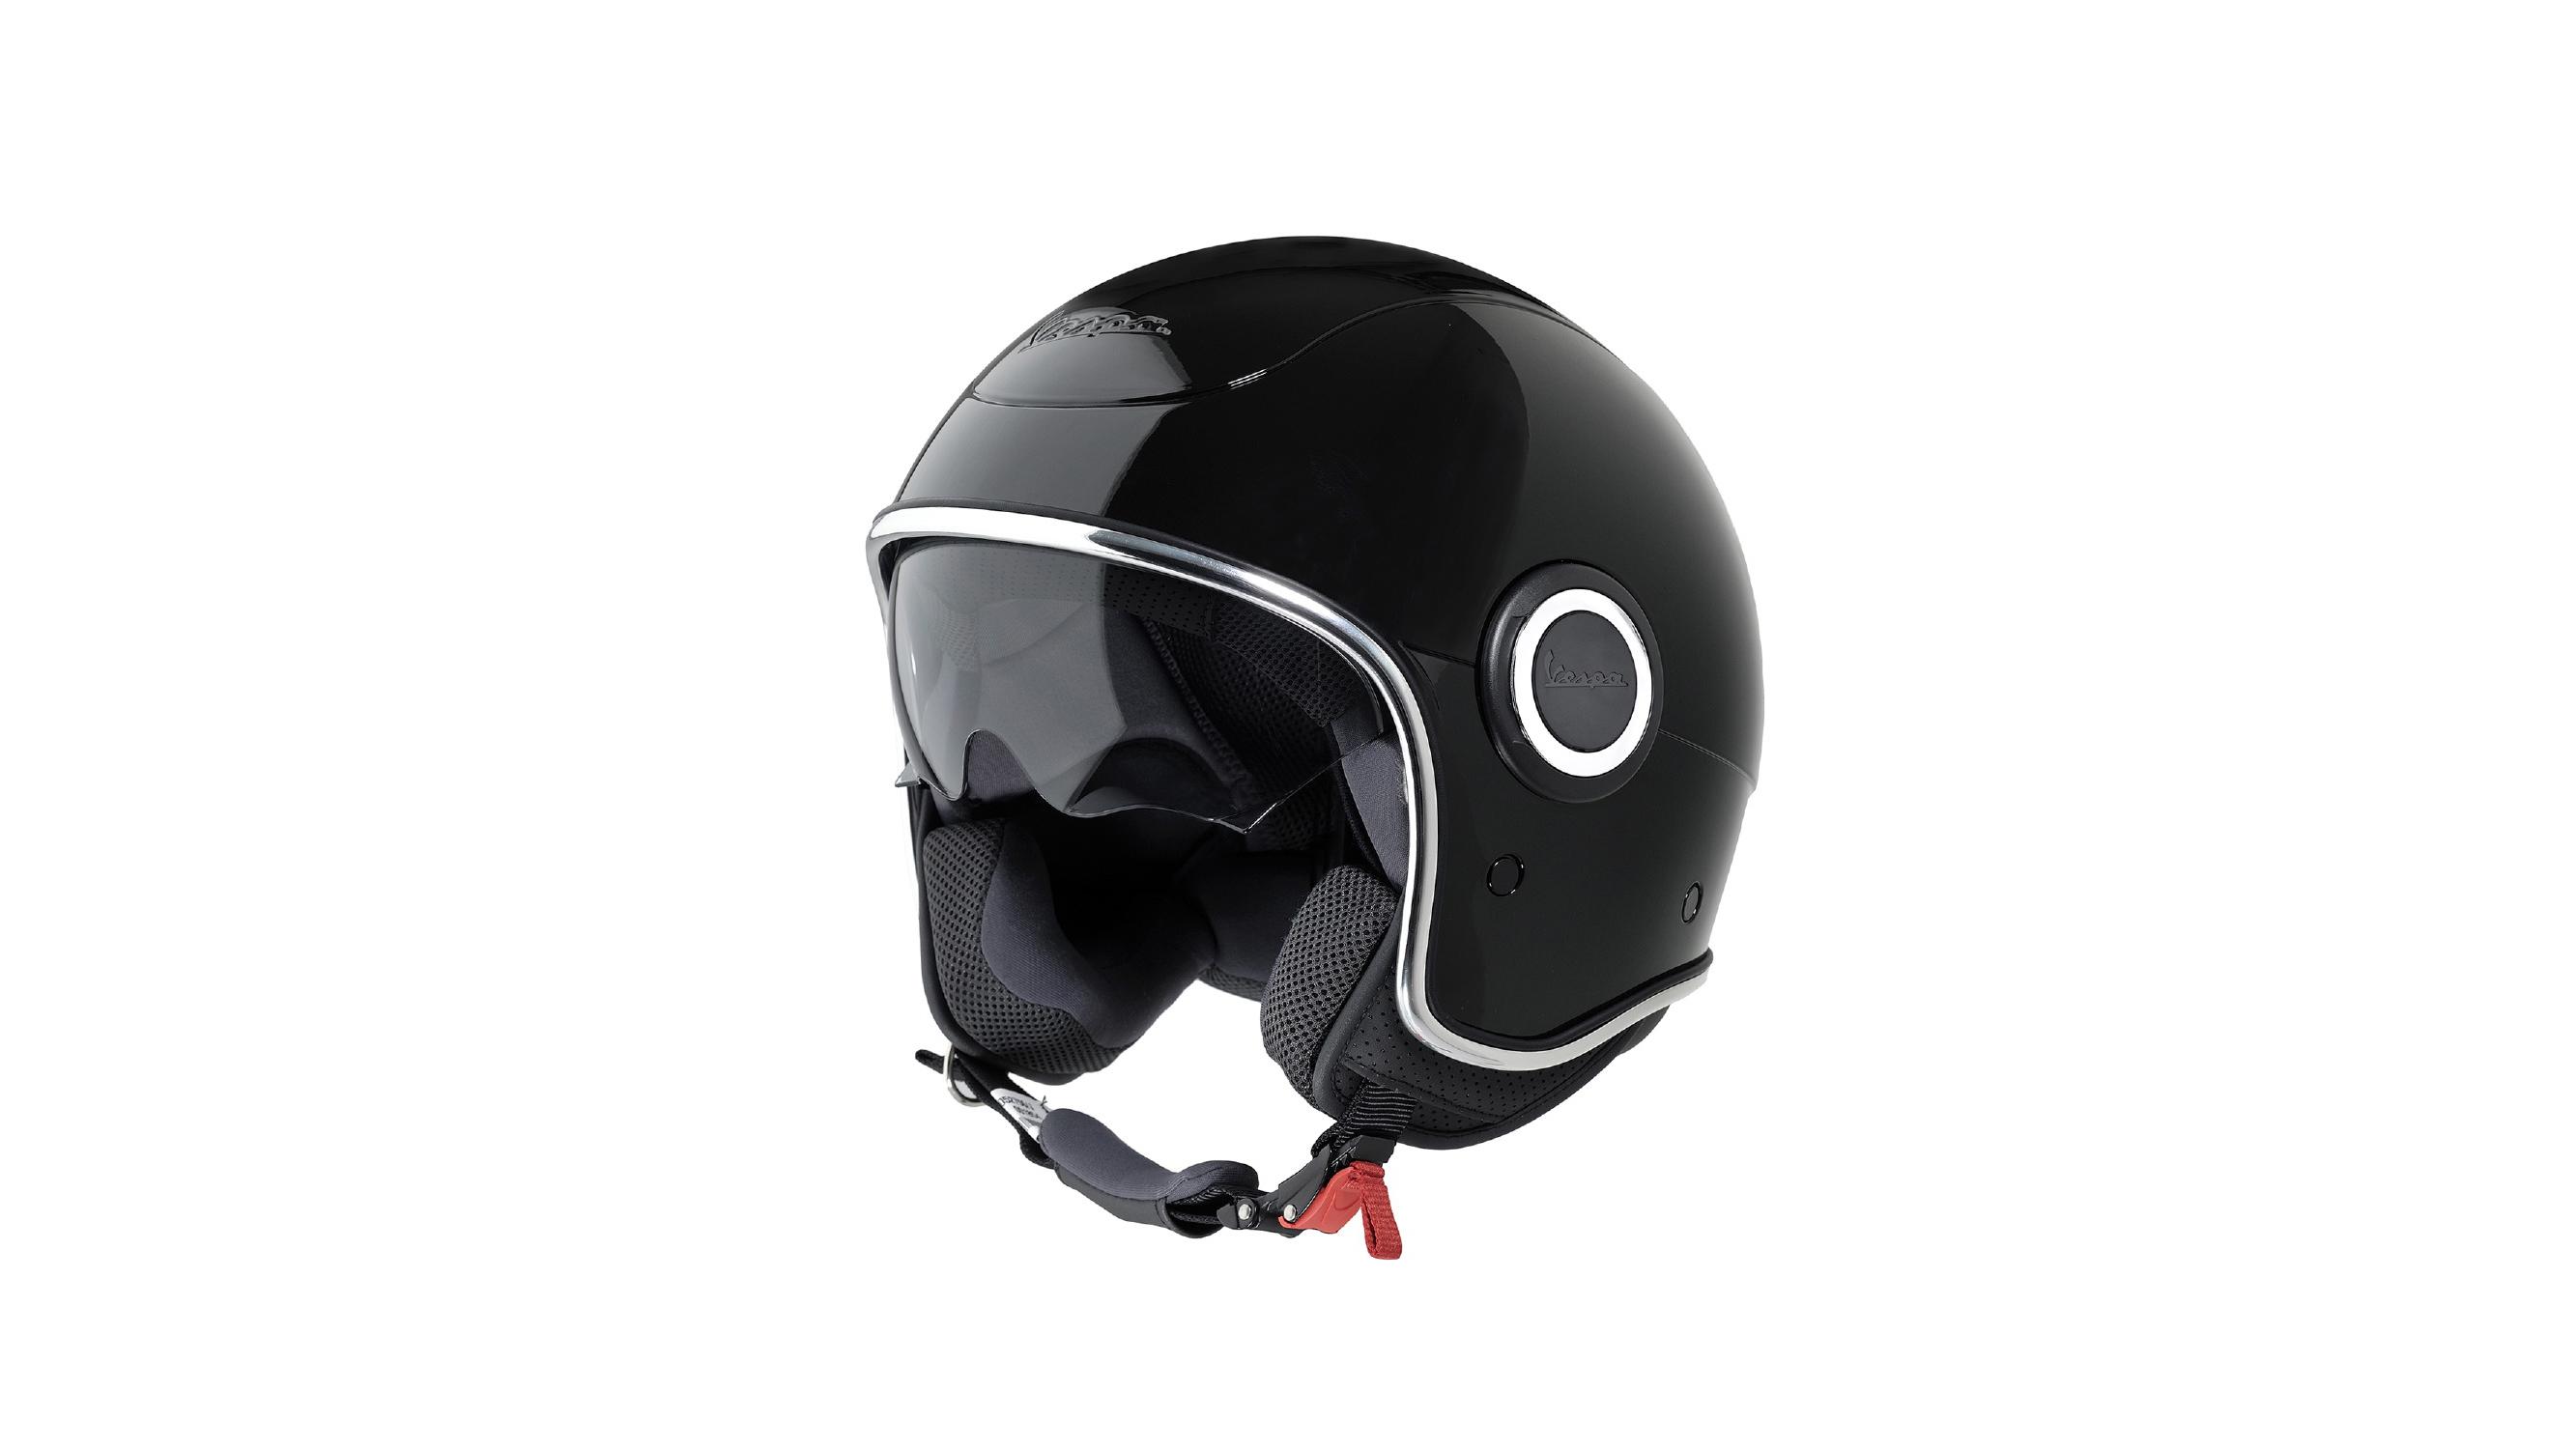 Seguros y a la moda con los cascos jet Vespa